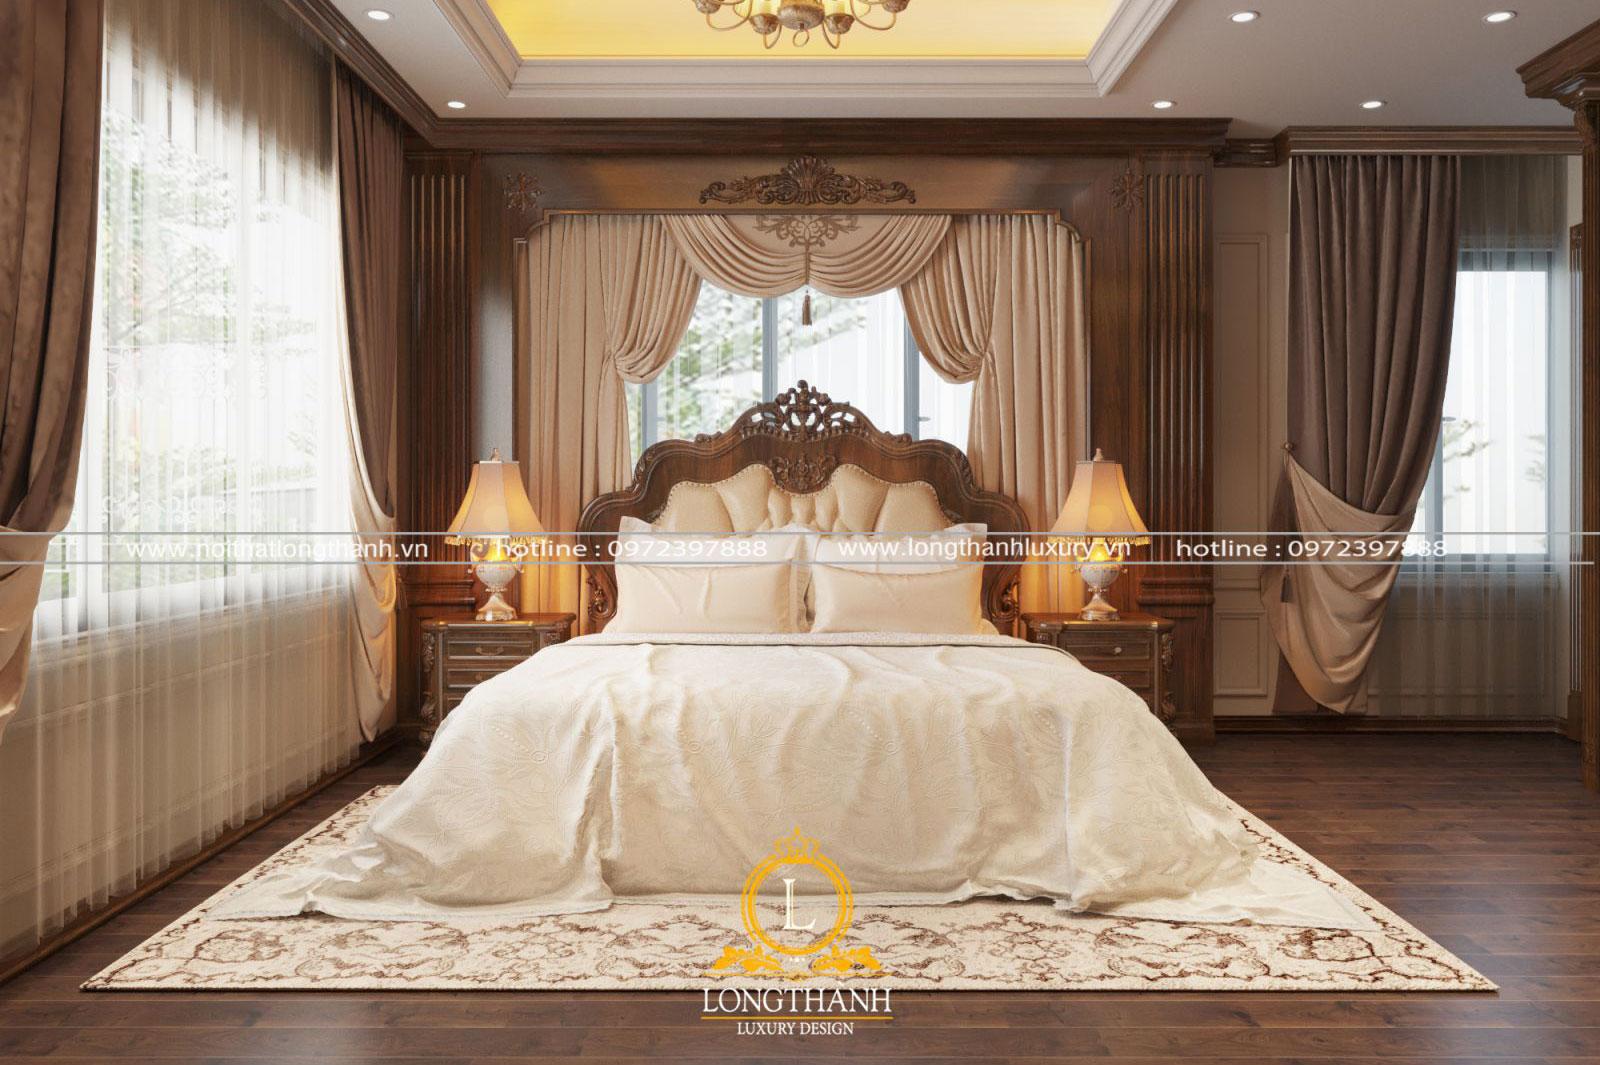 Phòng ngủ VIP cho những chủ nhân xứng tầm